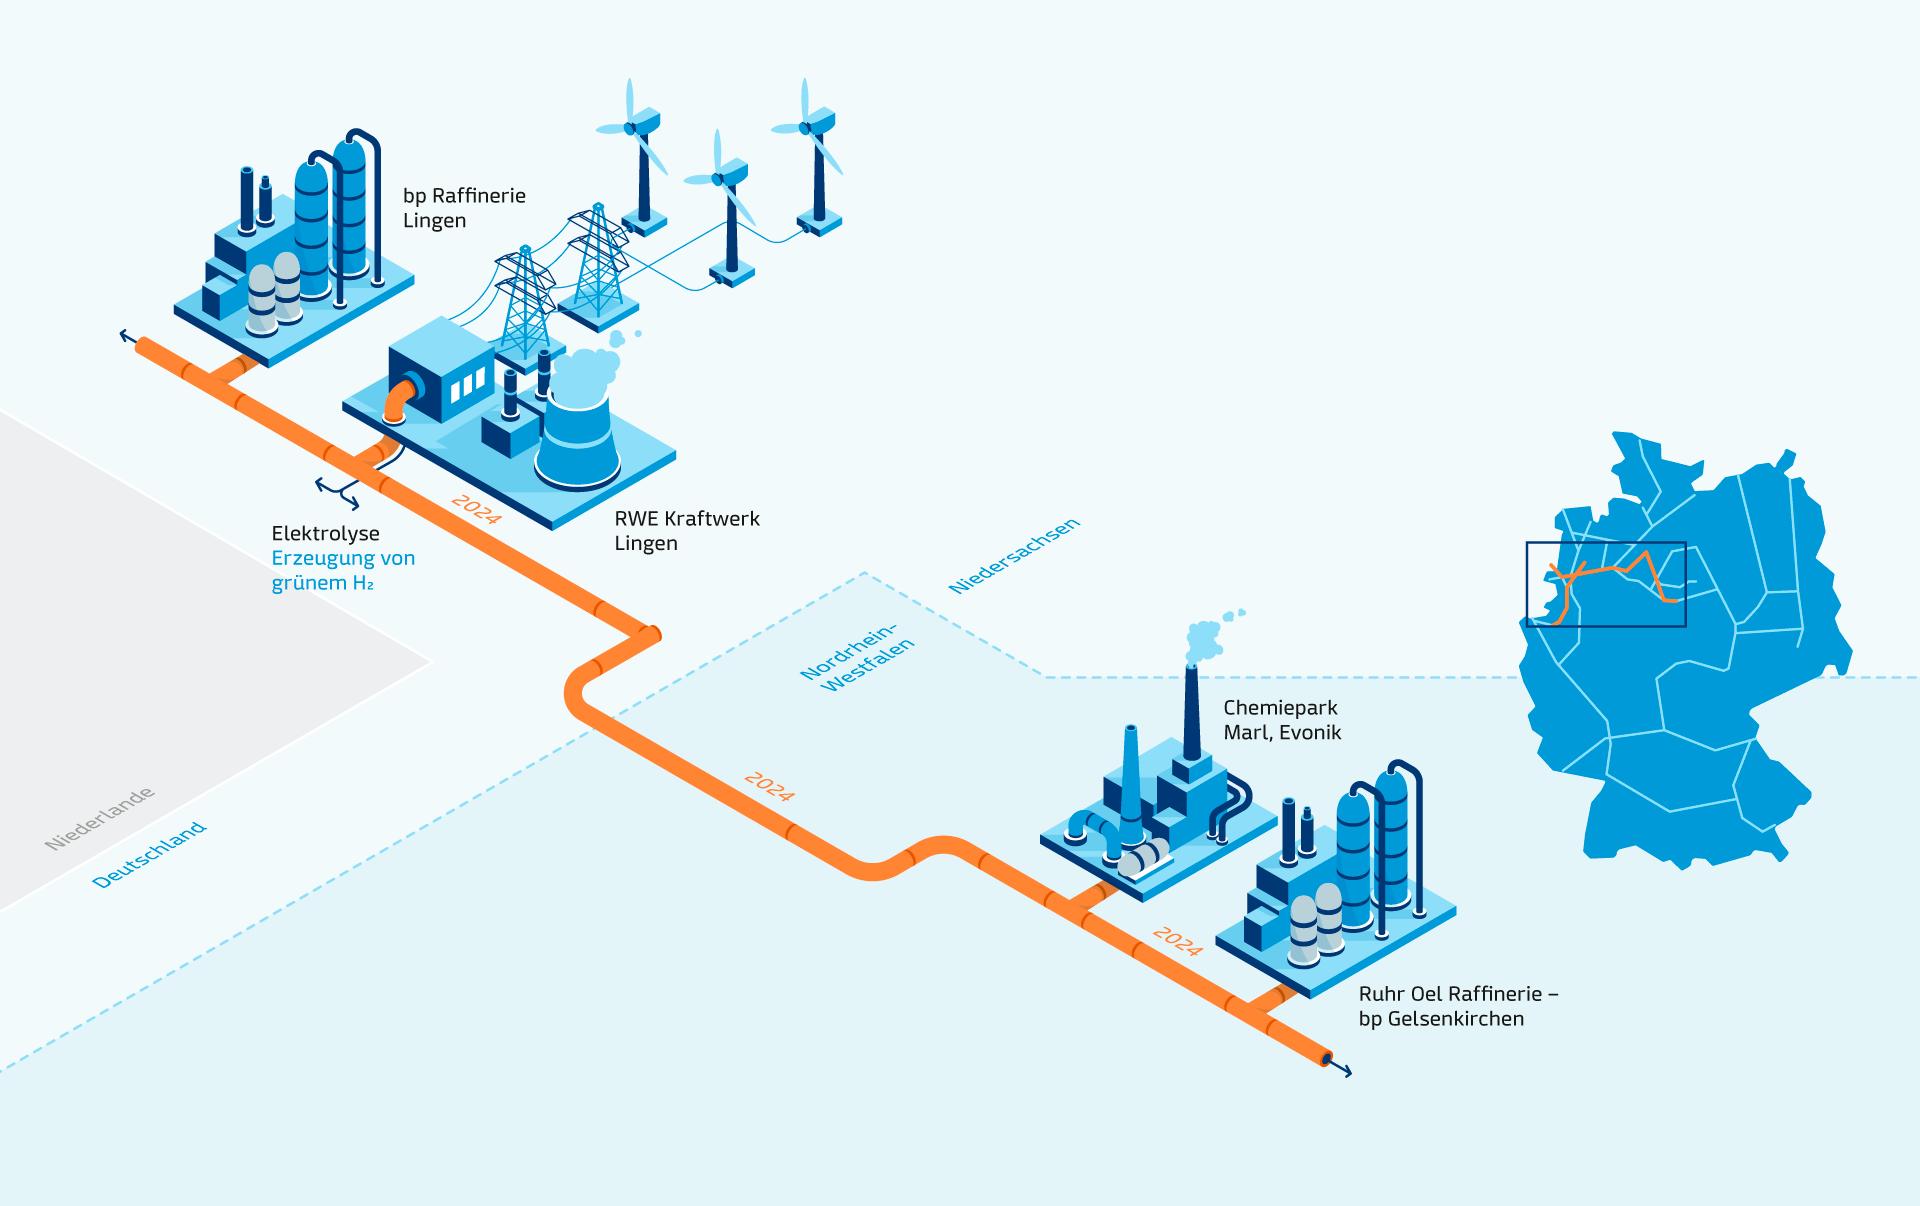 GET H2 Nukleus - bis 2024 entsteht der erste Schritt der Wasserstoffinfrastruktur